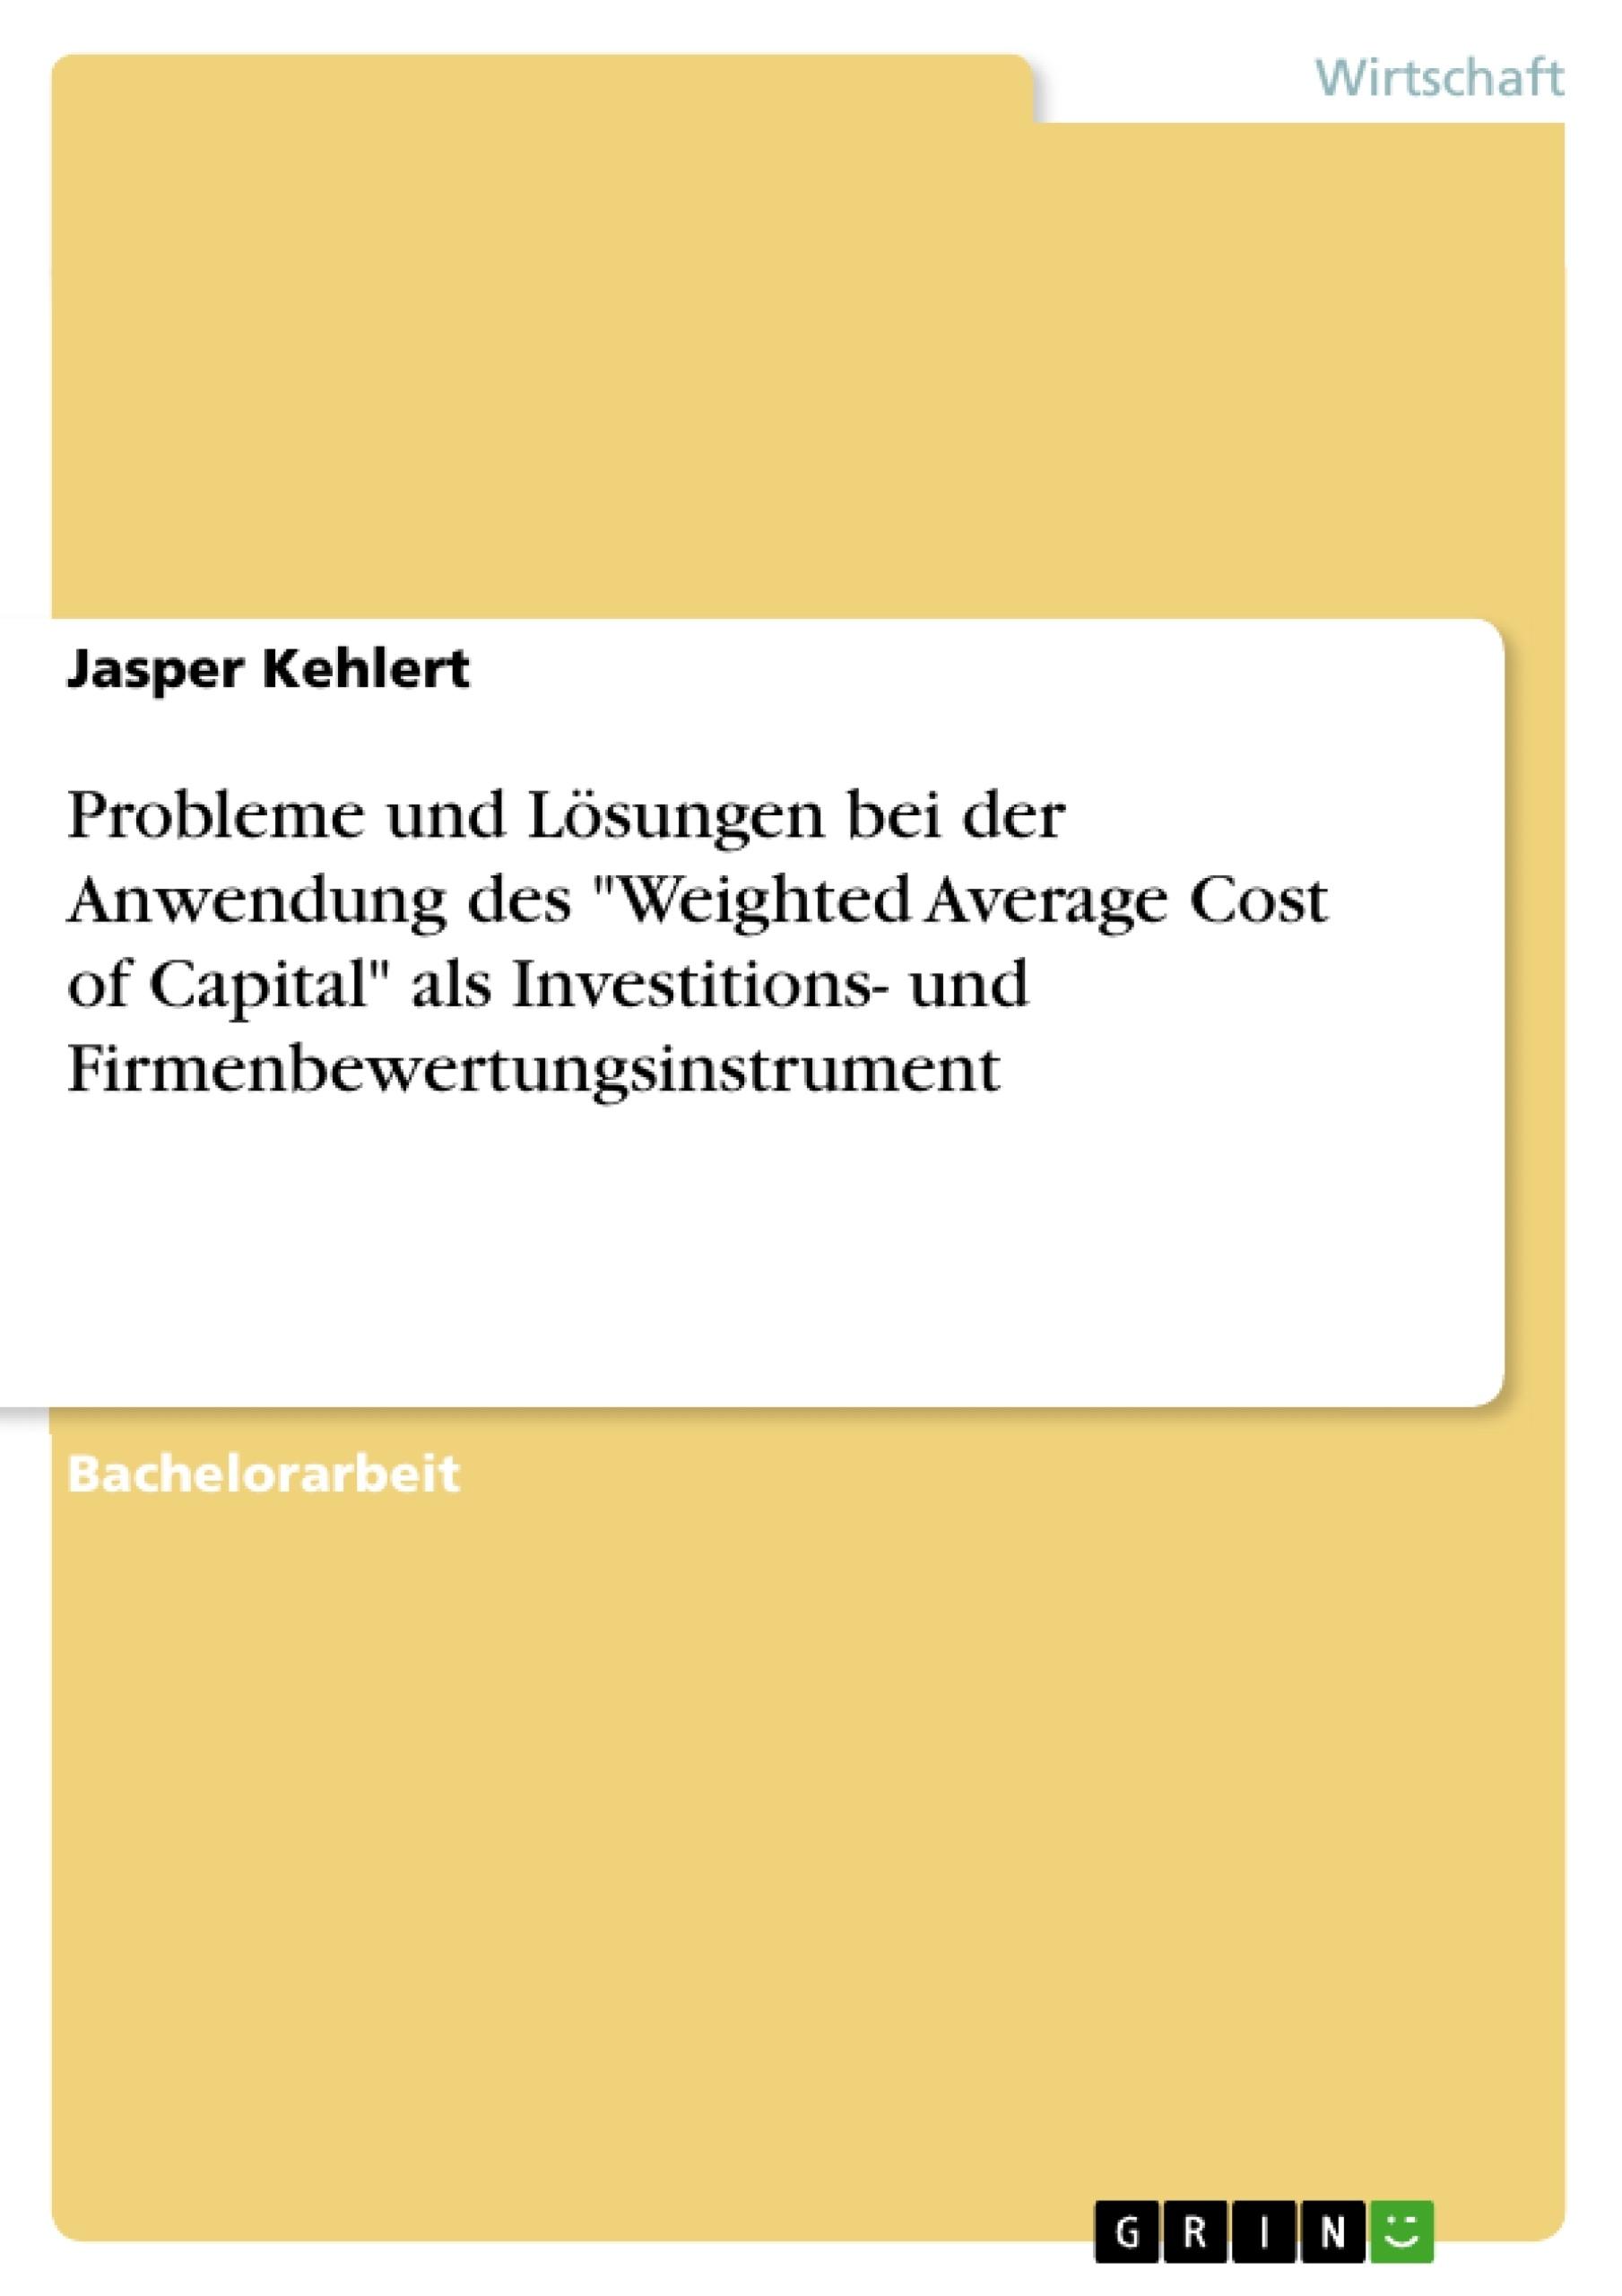 """Titel: Probleme und Lösungen bei der Anwendung des """"Weighted Average Cost of Capital"""" als Investitions- und Firmenbewertungsinstrument"""